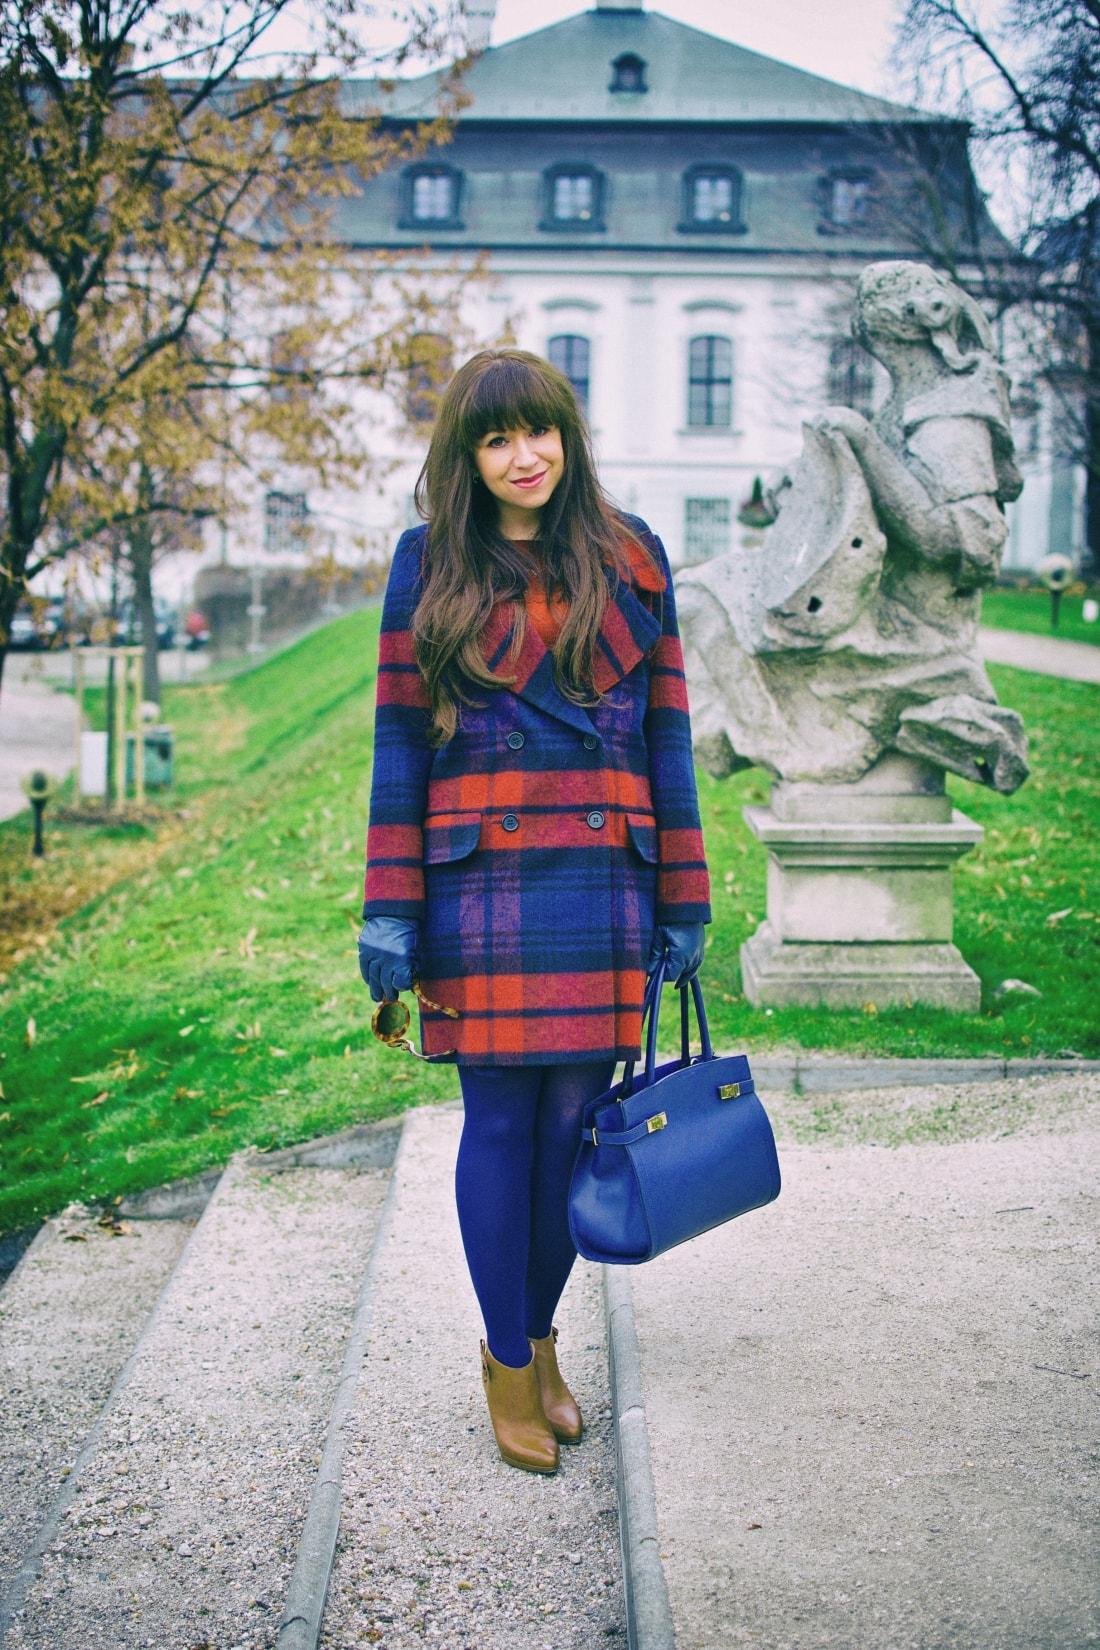 Tvoj osobný upgrade_Katharine-fashion is beautiful_blog 5_vzorovaný kabát_elegancia_bordovomodrá_Katarína Jakubčová_Fashion blogger